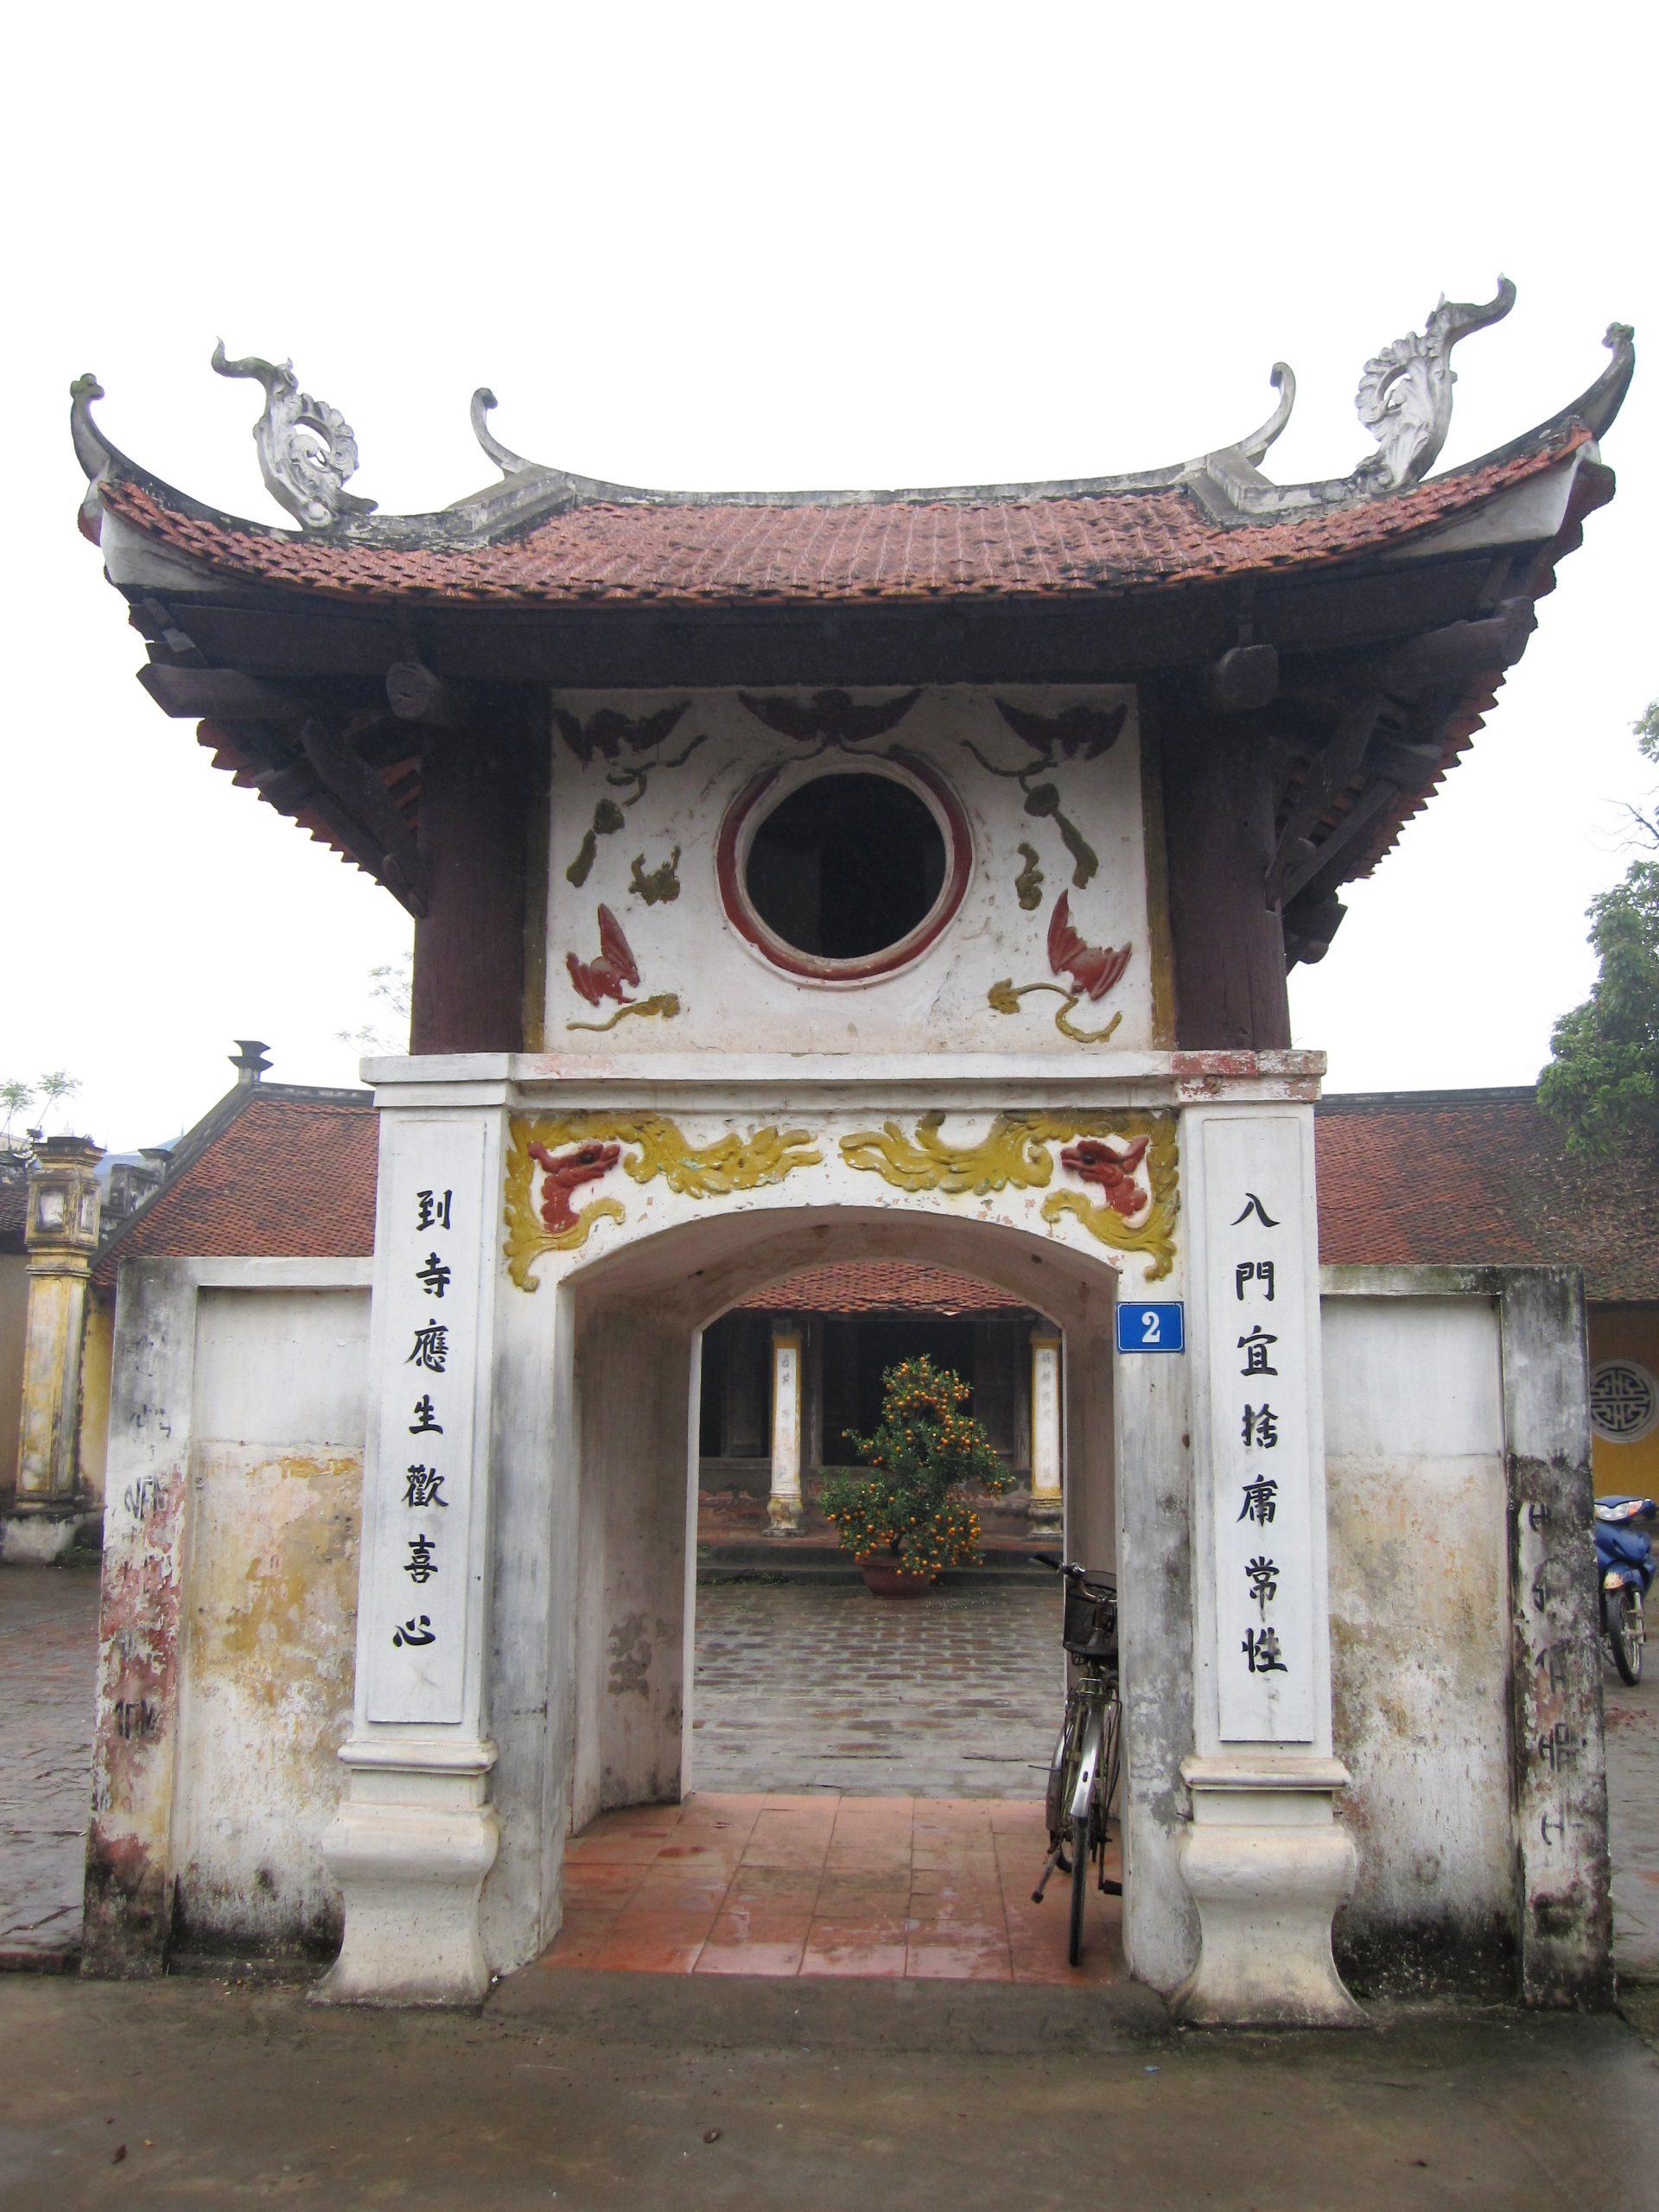 Chùa Thượng Đồng (Hiển Ứng Tự – Long Biên, Hà Nội)